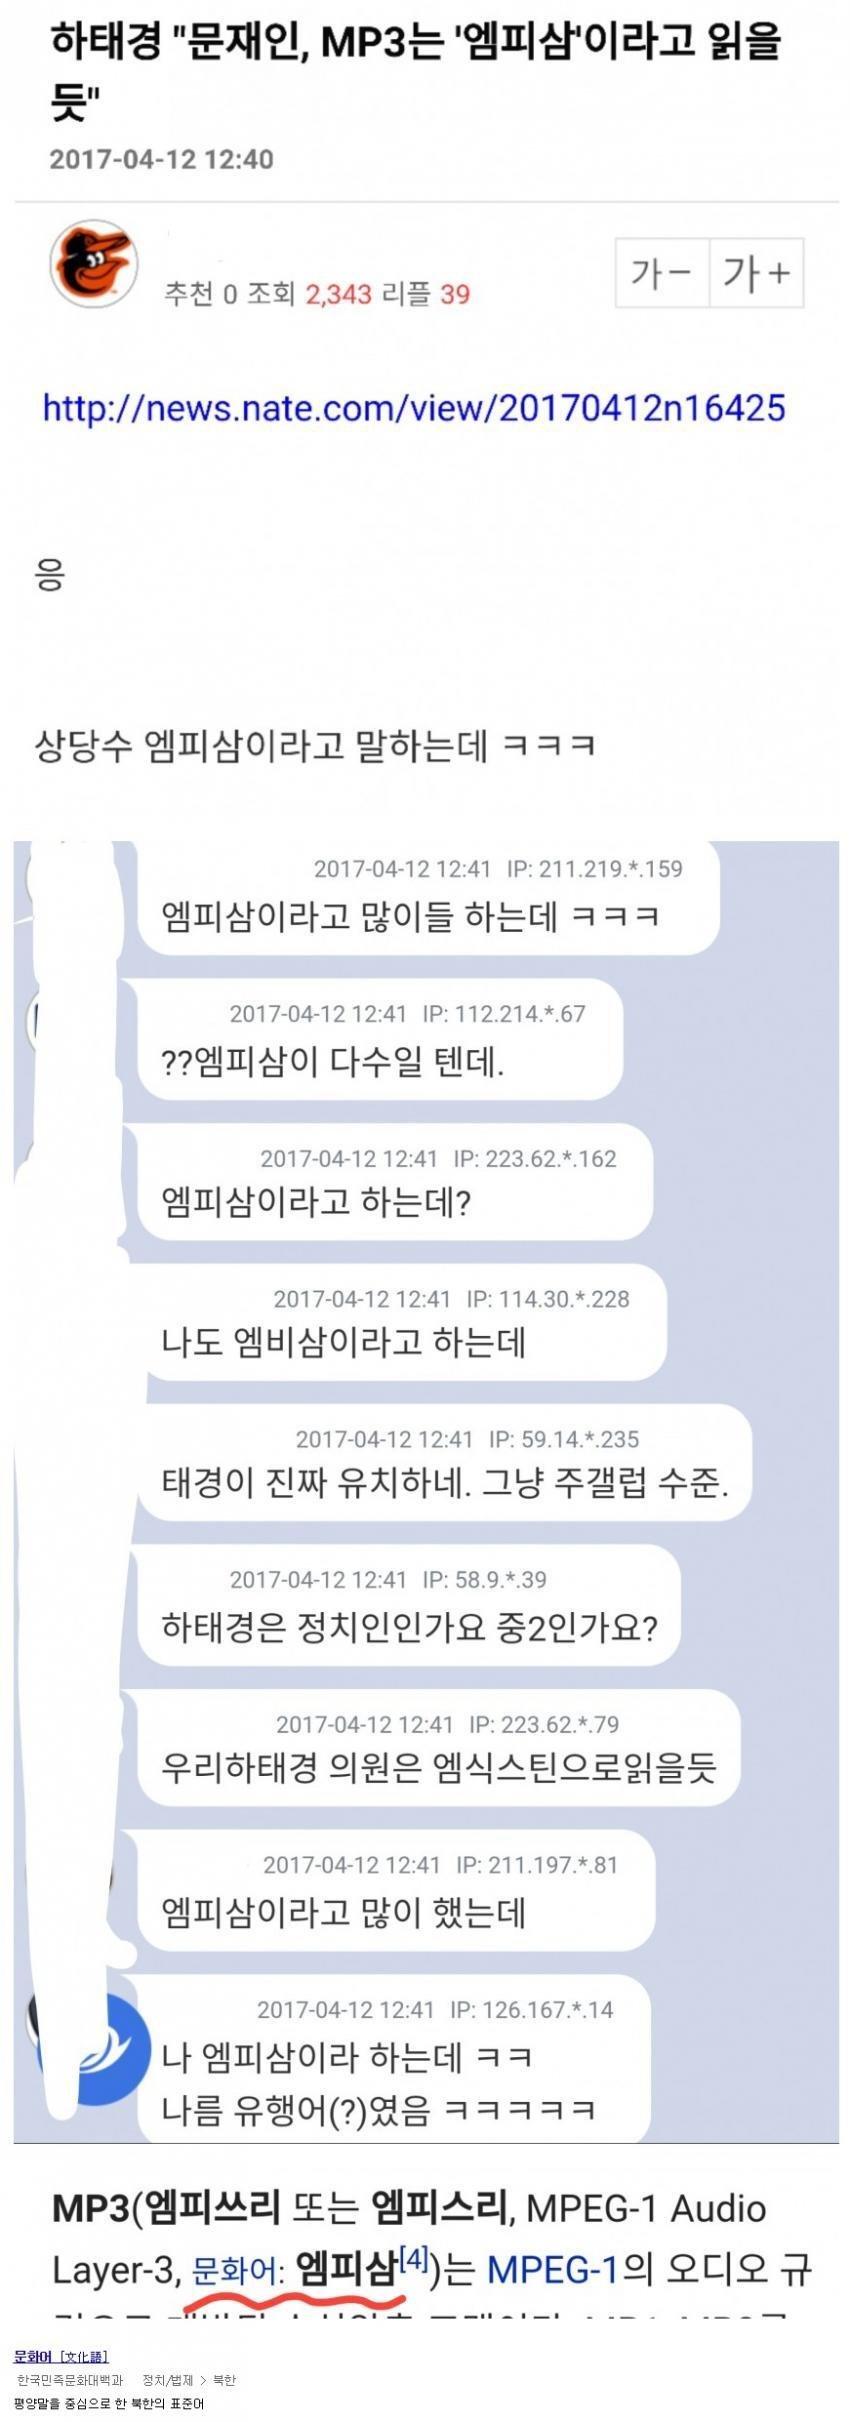 [유머] 엠팍 레전드 갱신 -  와이드섬